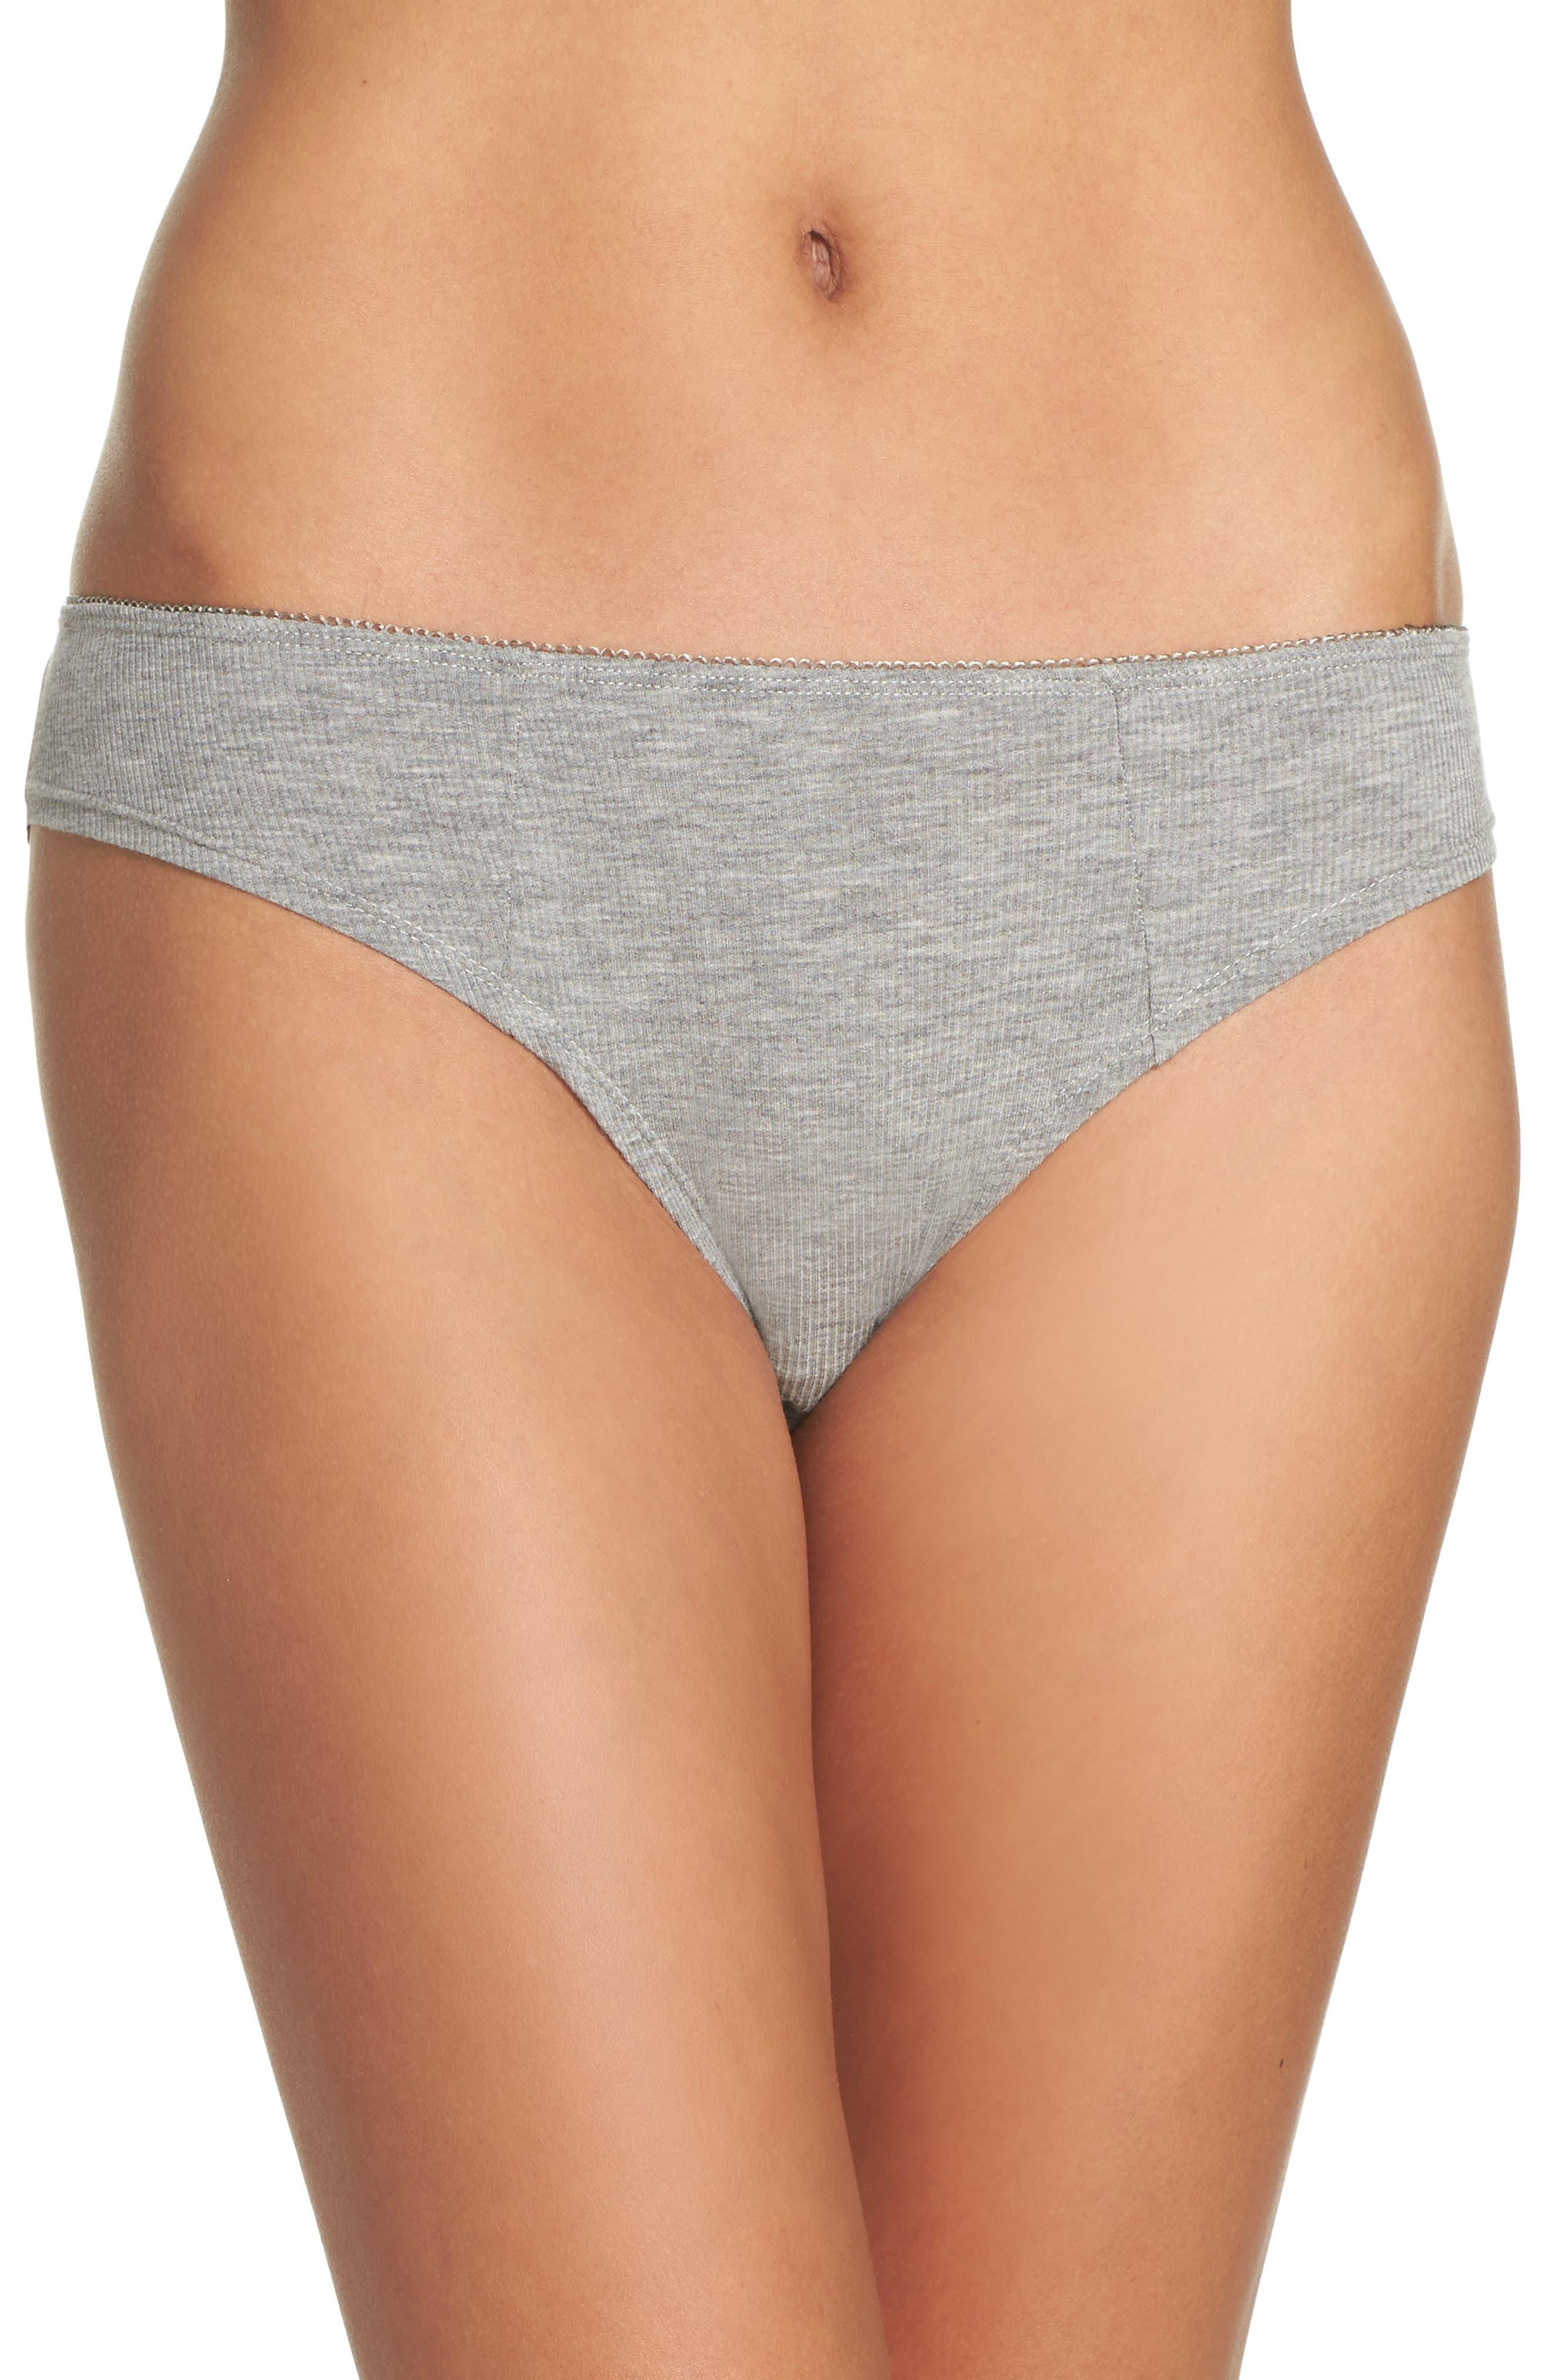 Honeydew Intimates Rib Knit Bikini (4 for $30)